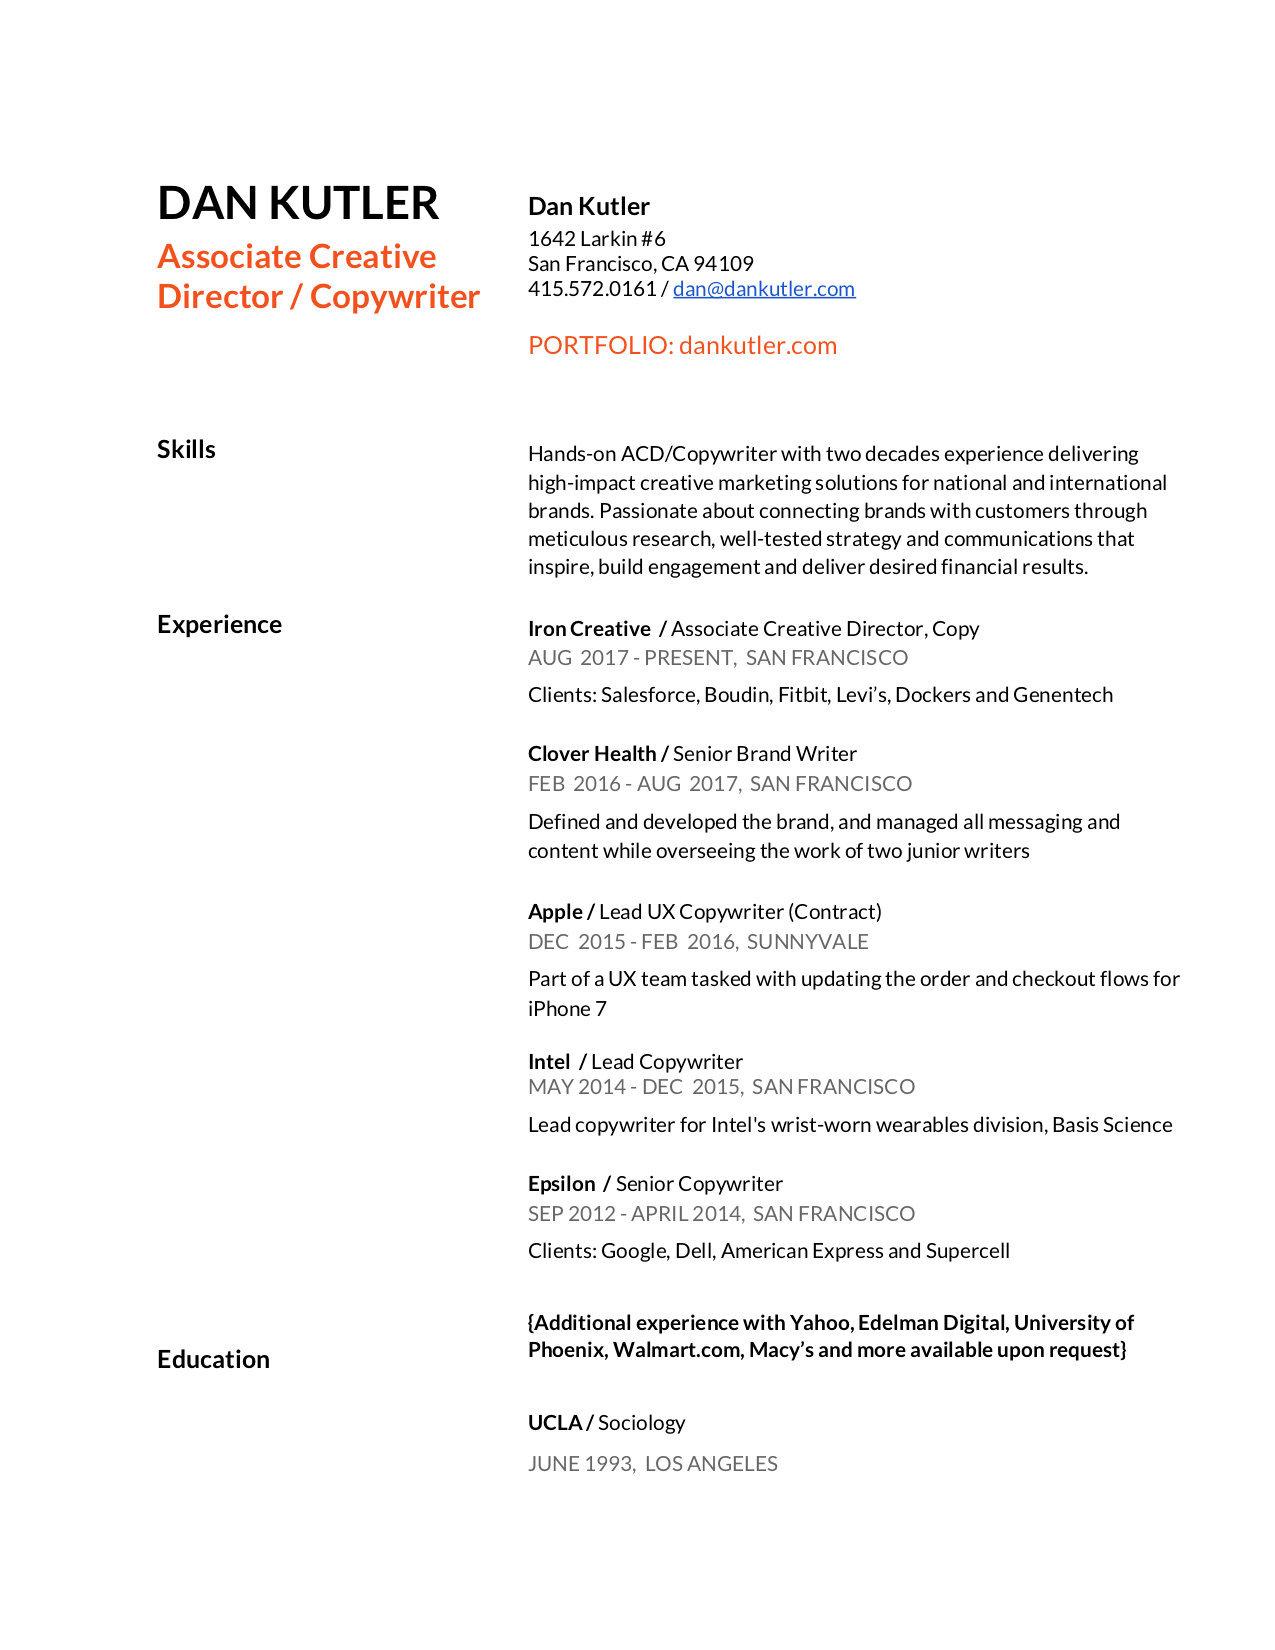 DKUTLER 2018 ACDCopywriter.jpg